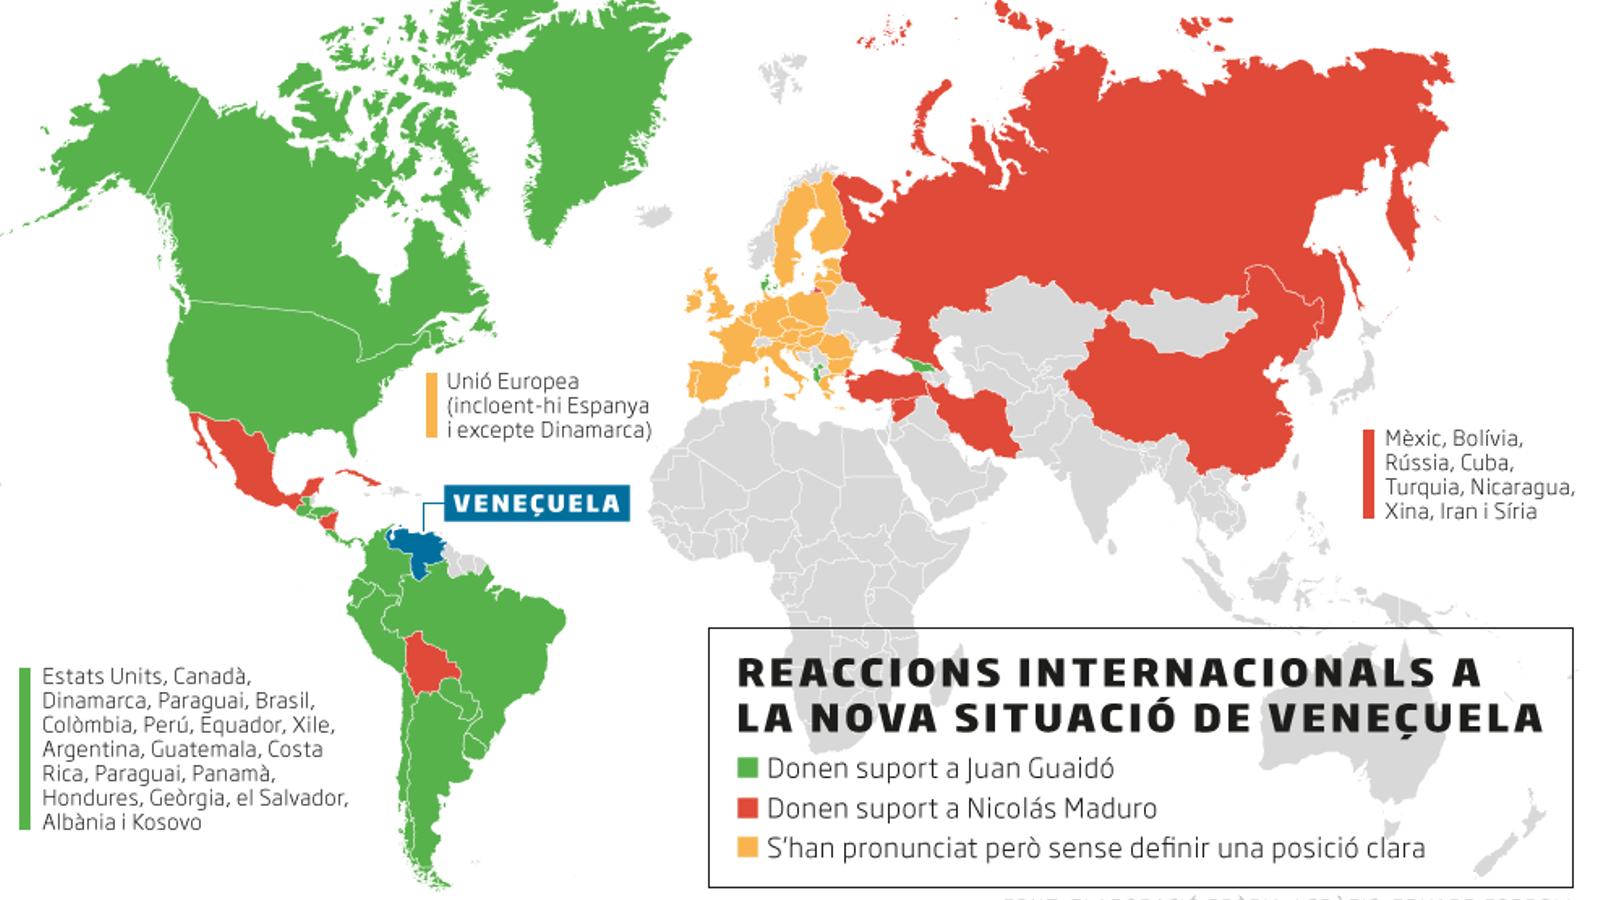 Quins països han donat suport a Guaidó i quins a Maduro?